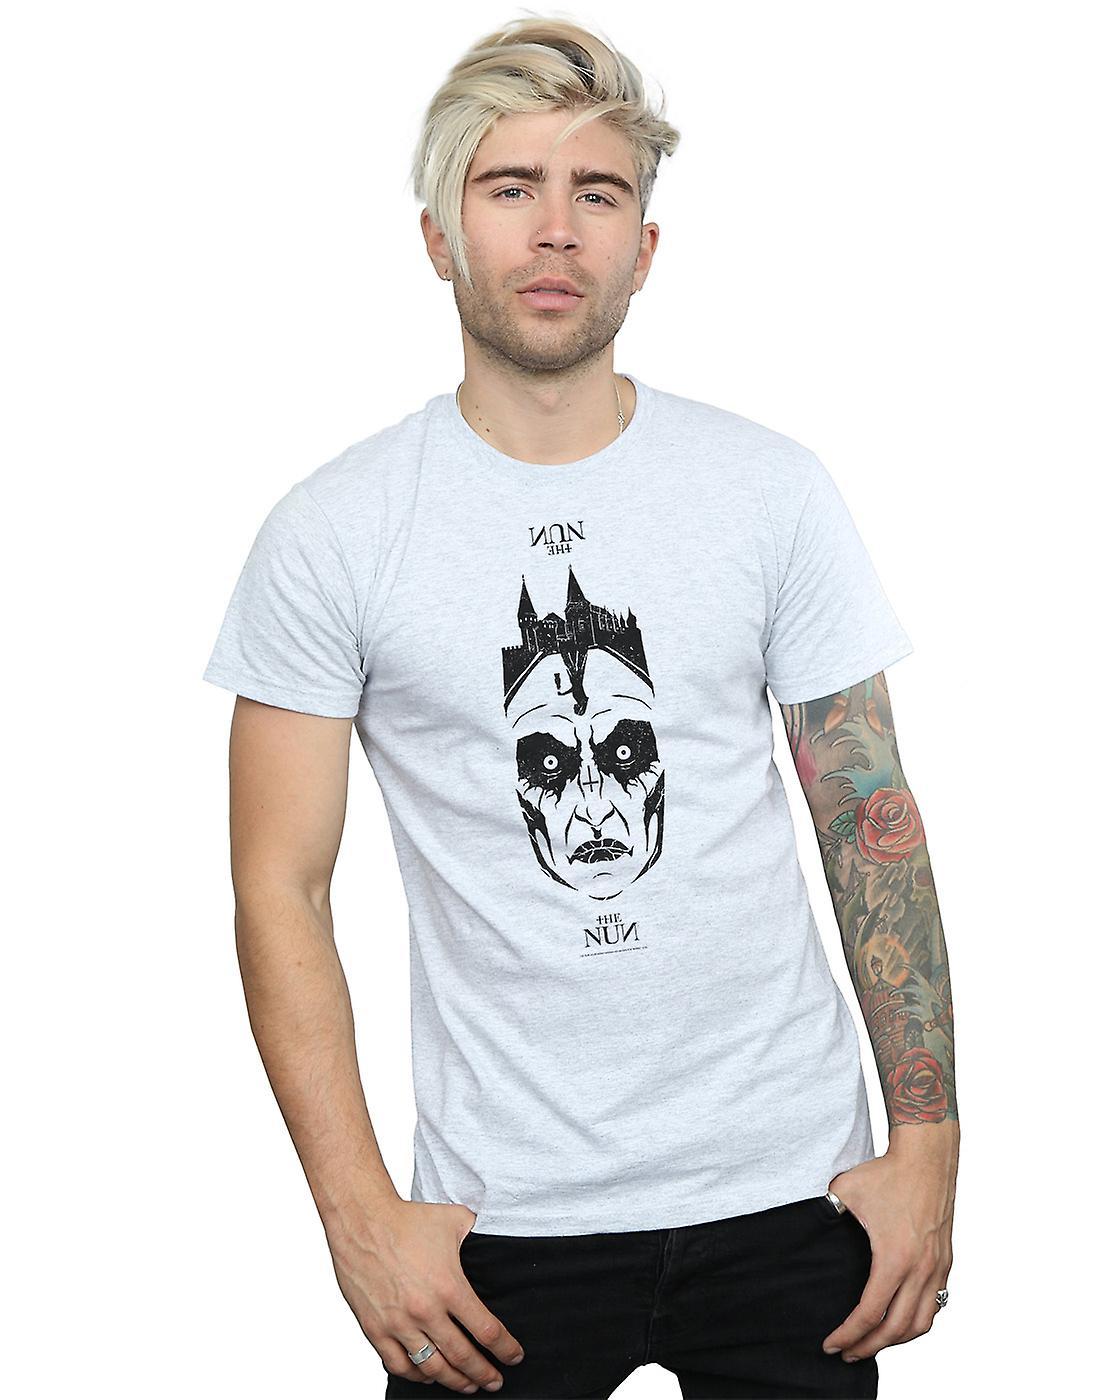 The Nun Men's Distressed Face T-Shirt